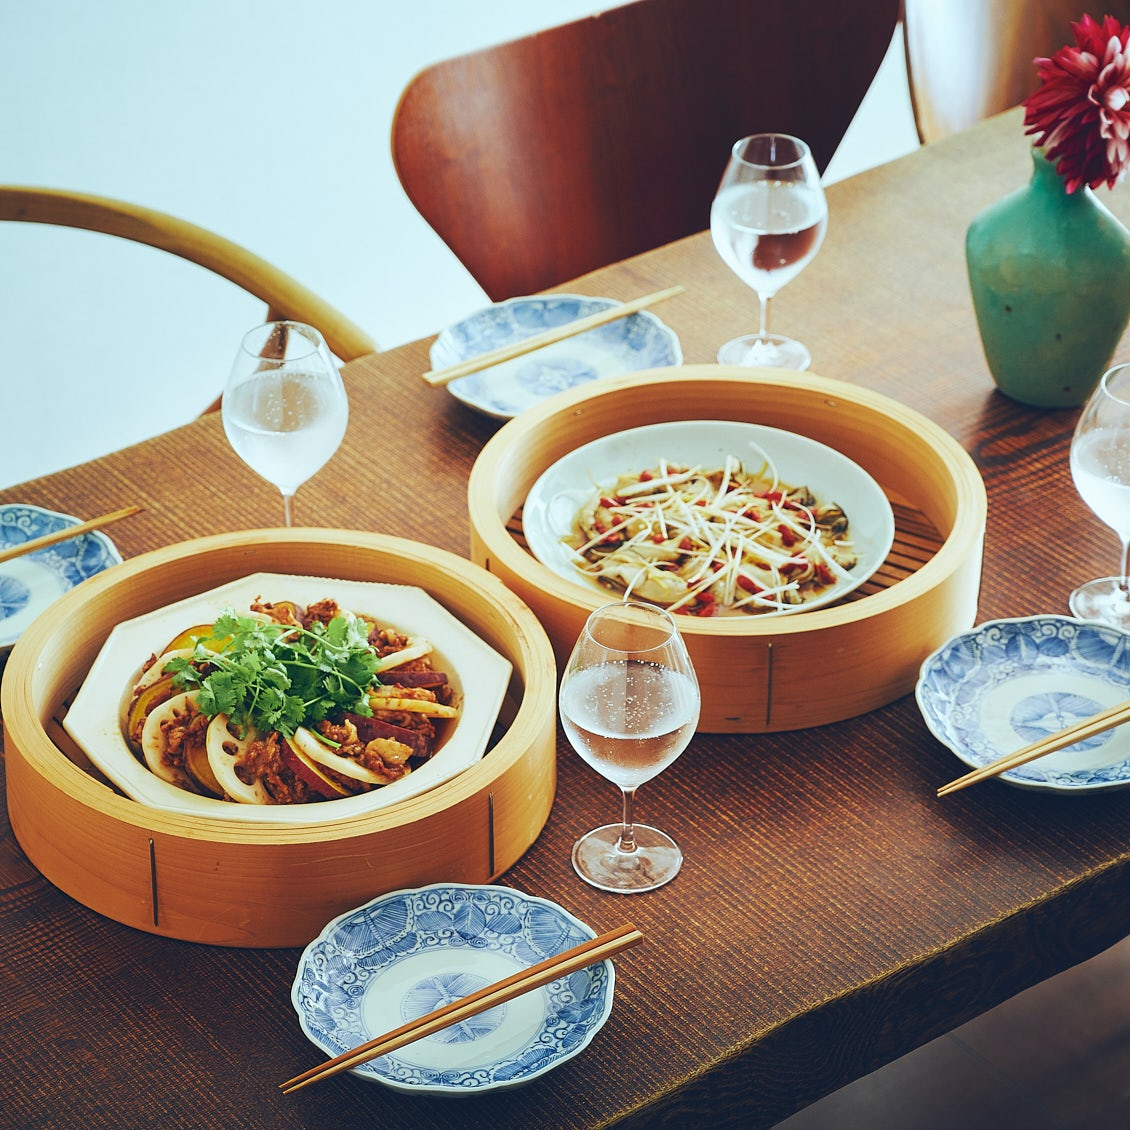 【せいろのある食卓】後編:せいろで一度に2品完成! 旬を味わうリッチな夕ごはん